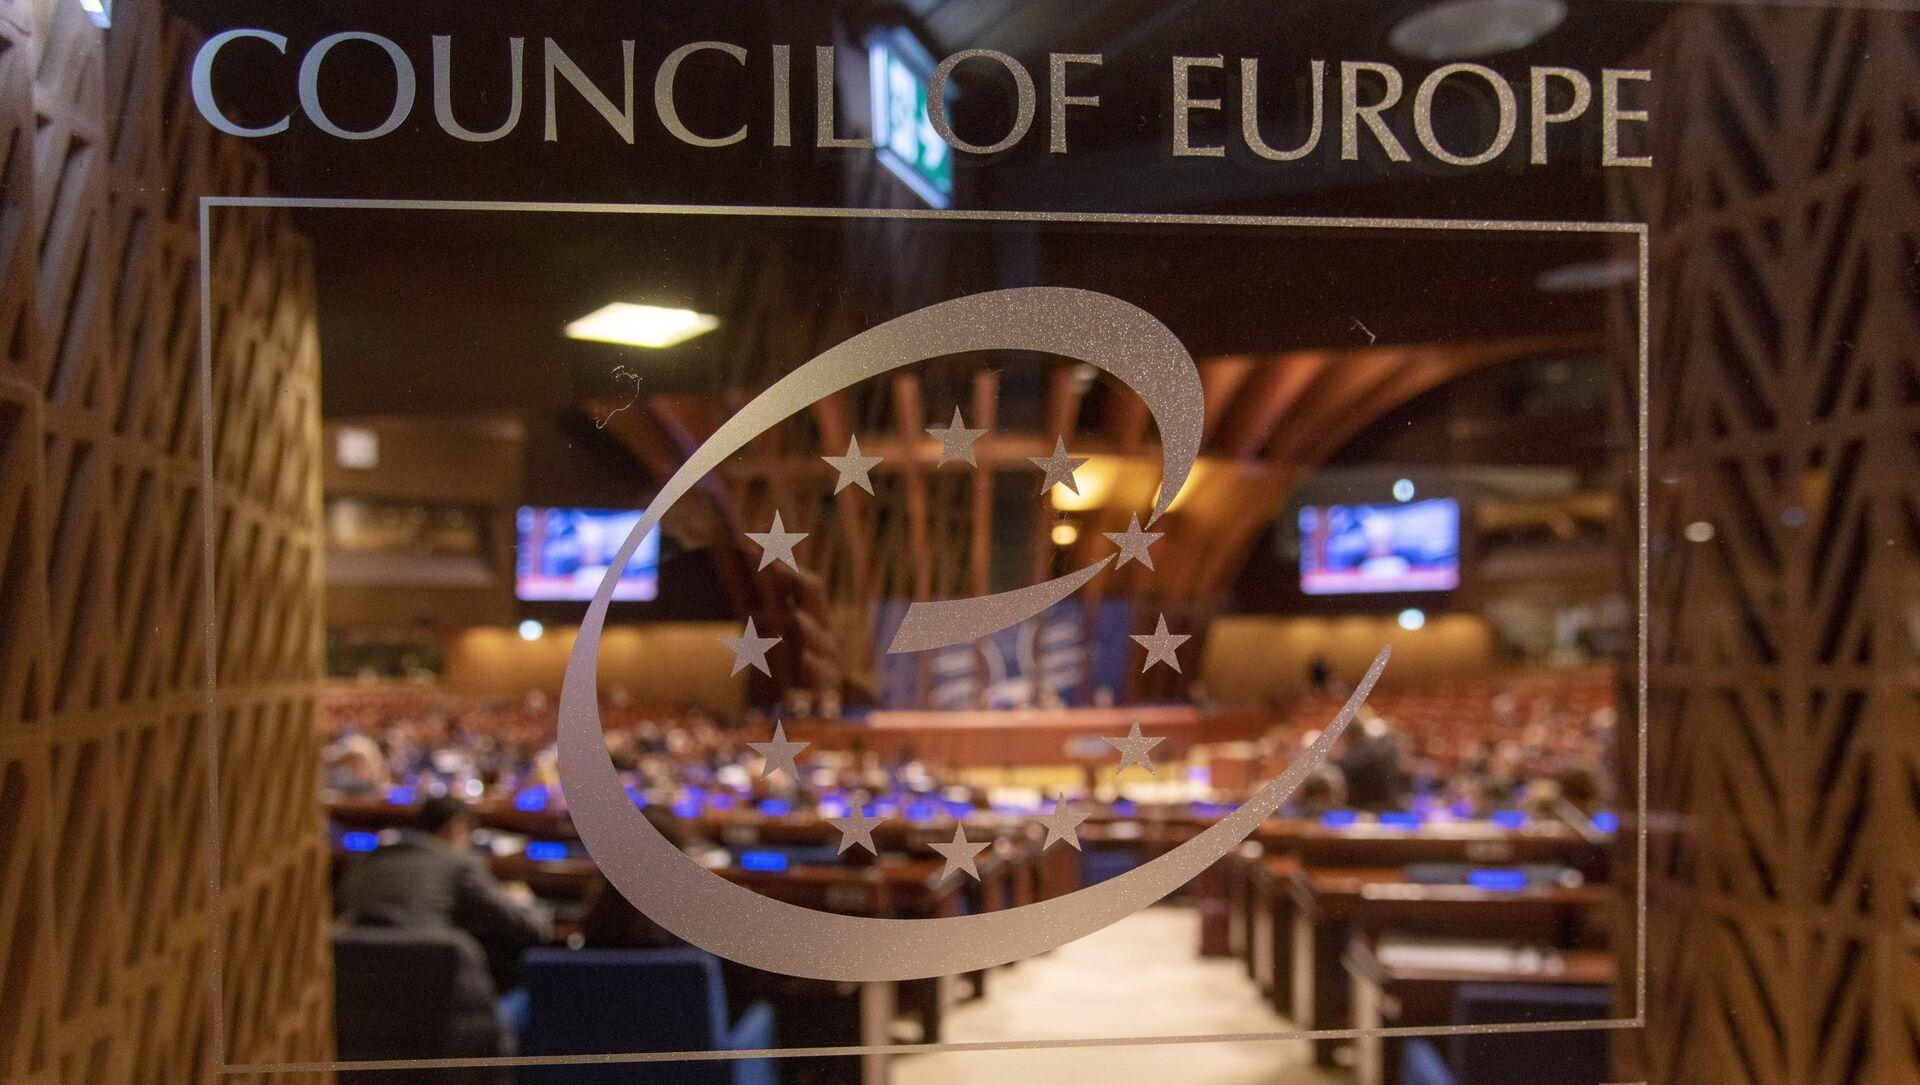 Заседание зимней сессии Парламентской ассамблеи Совета Европы (ПАСЕ) - Sputnik Азербайджан, 1920, 22.06.2021